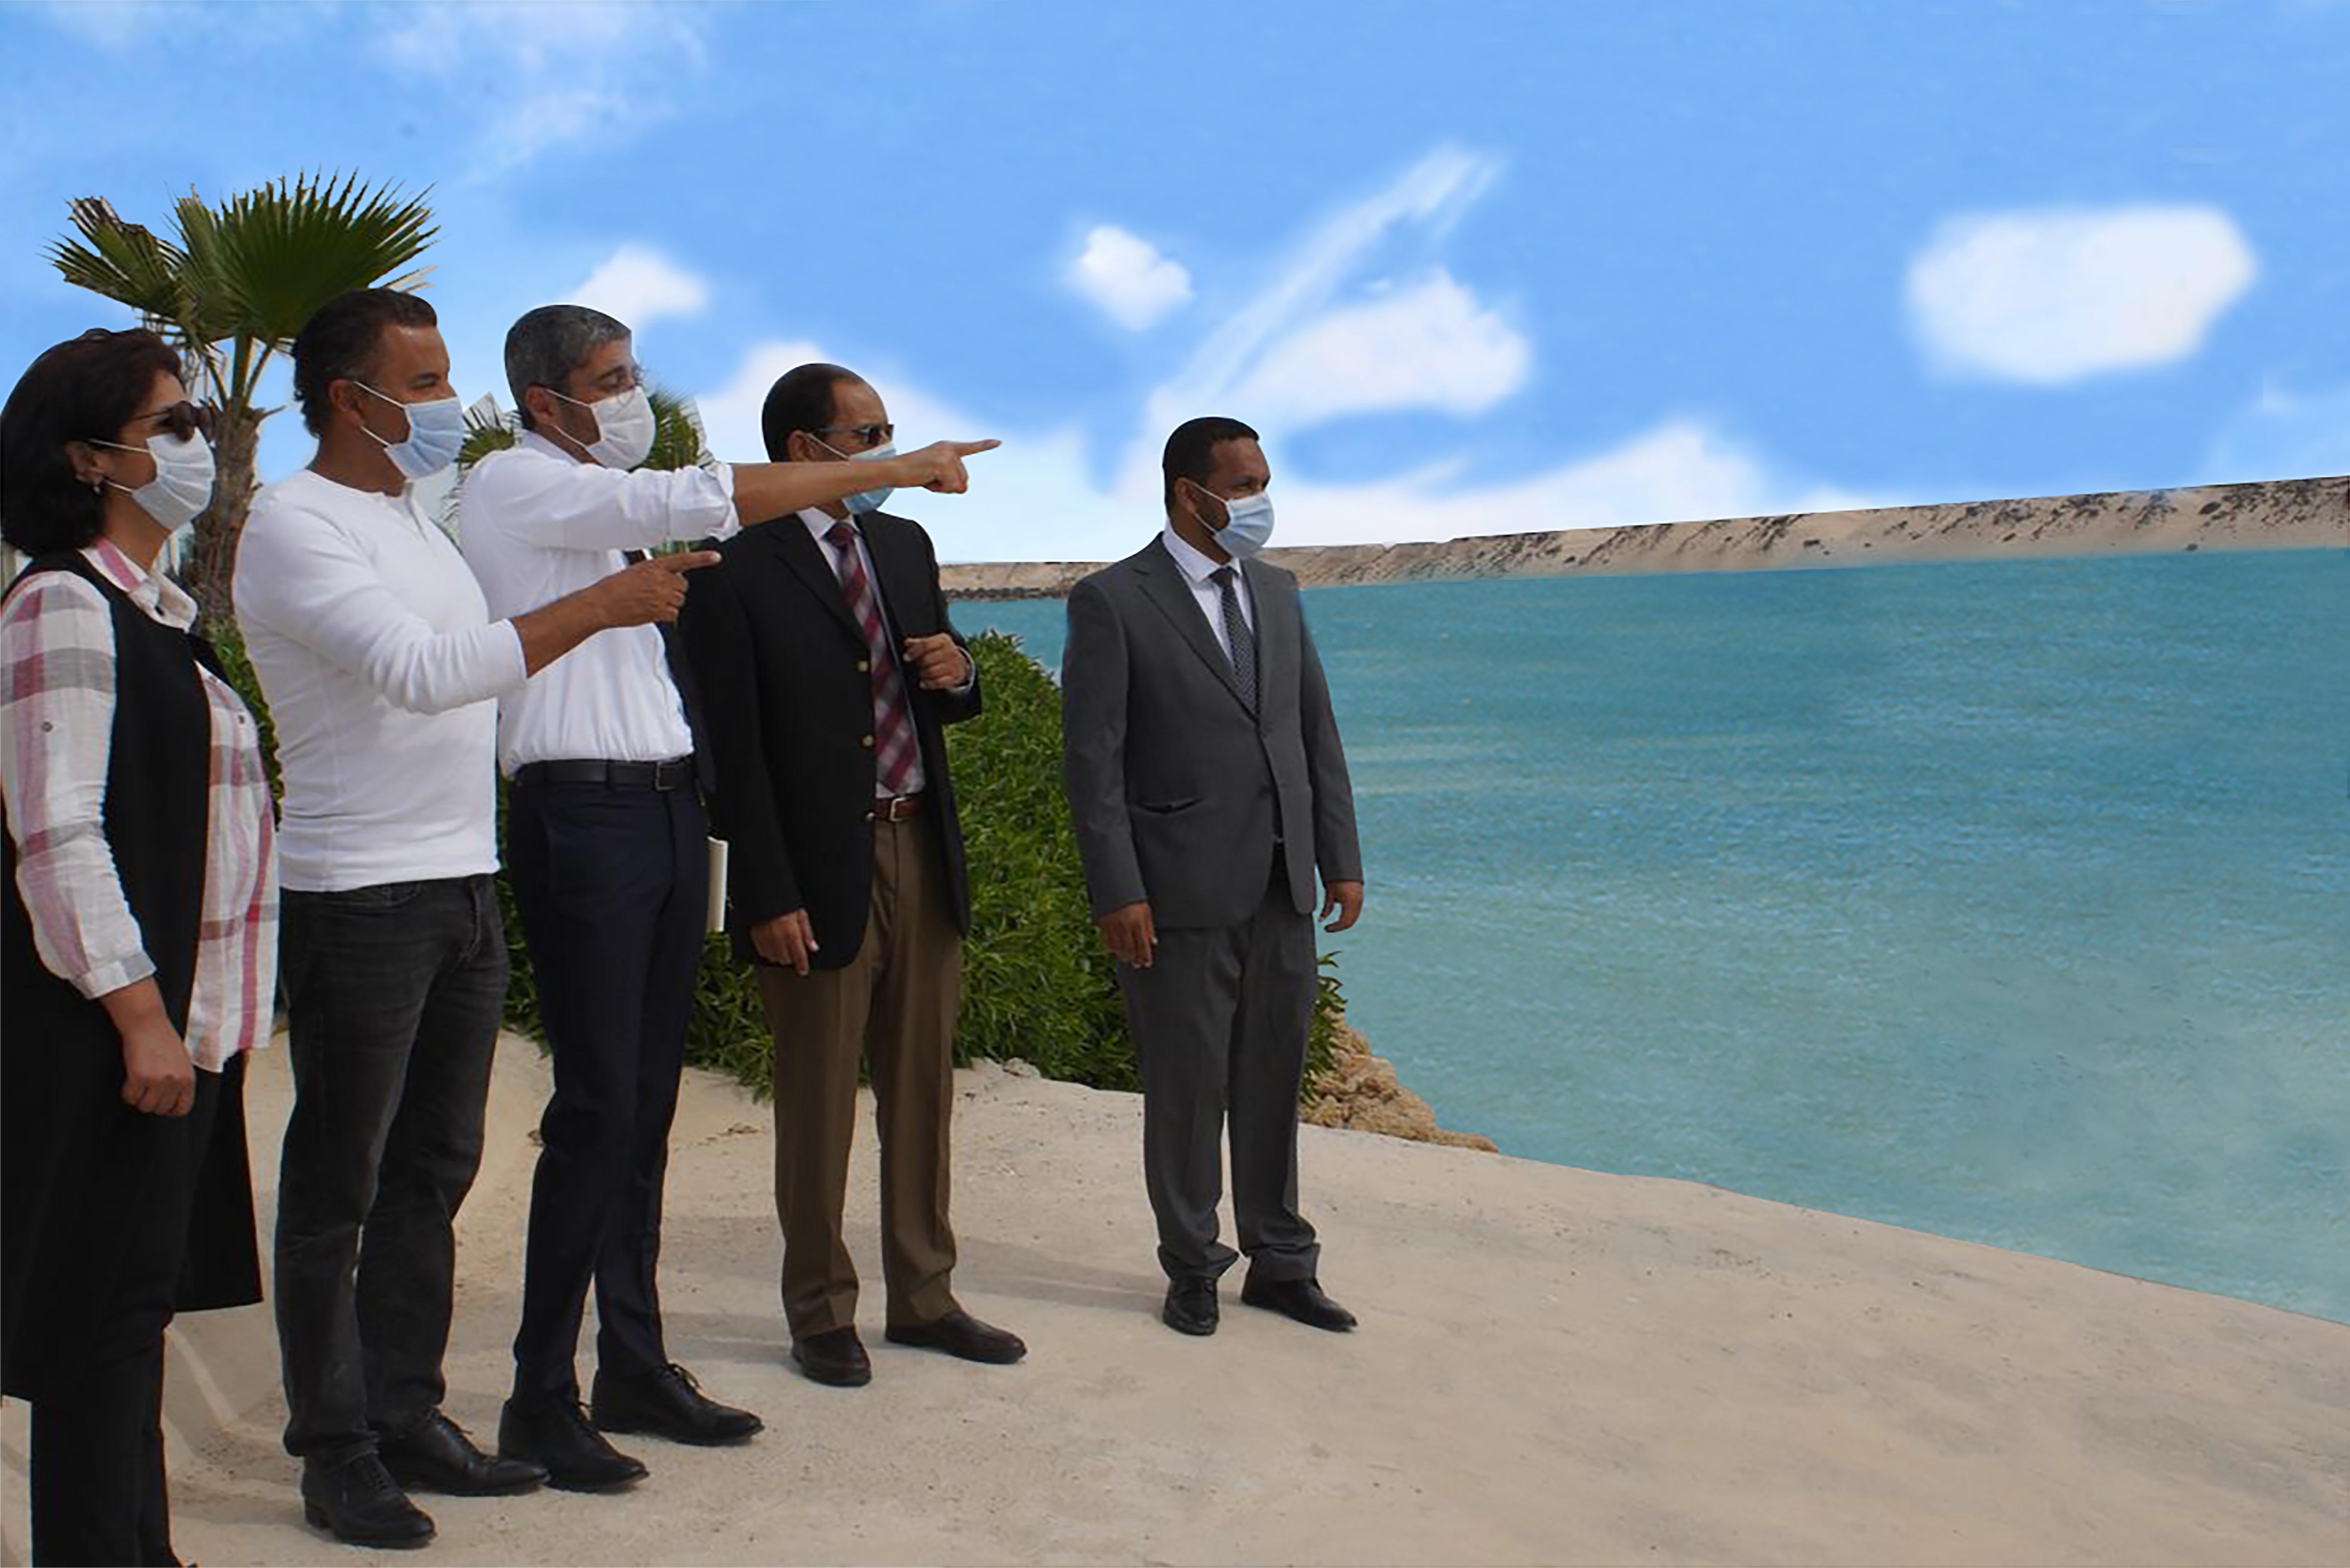 المكتب الوطني المغربي للسياحة يضع السياحة الساحلية في قلب خطته لإنعاش القطاع بالداخلة